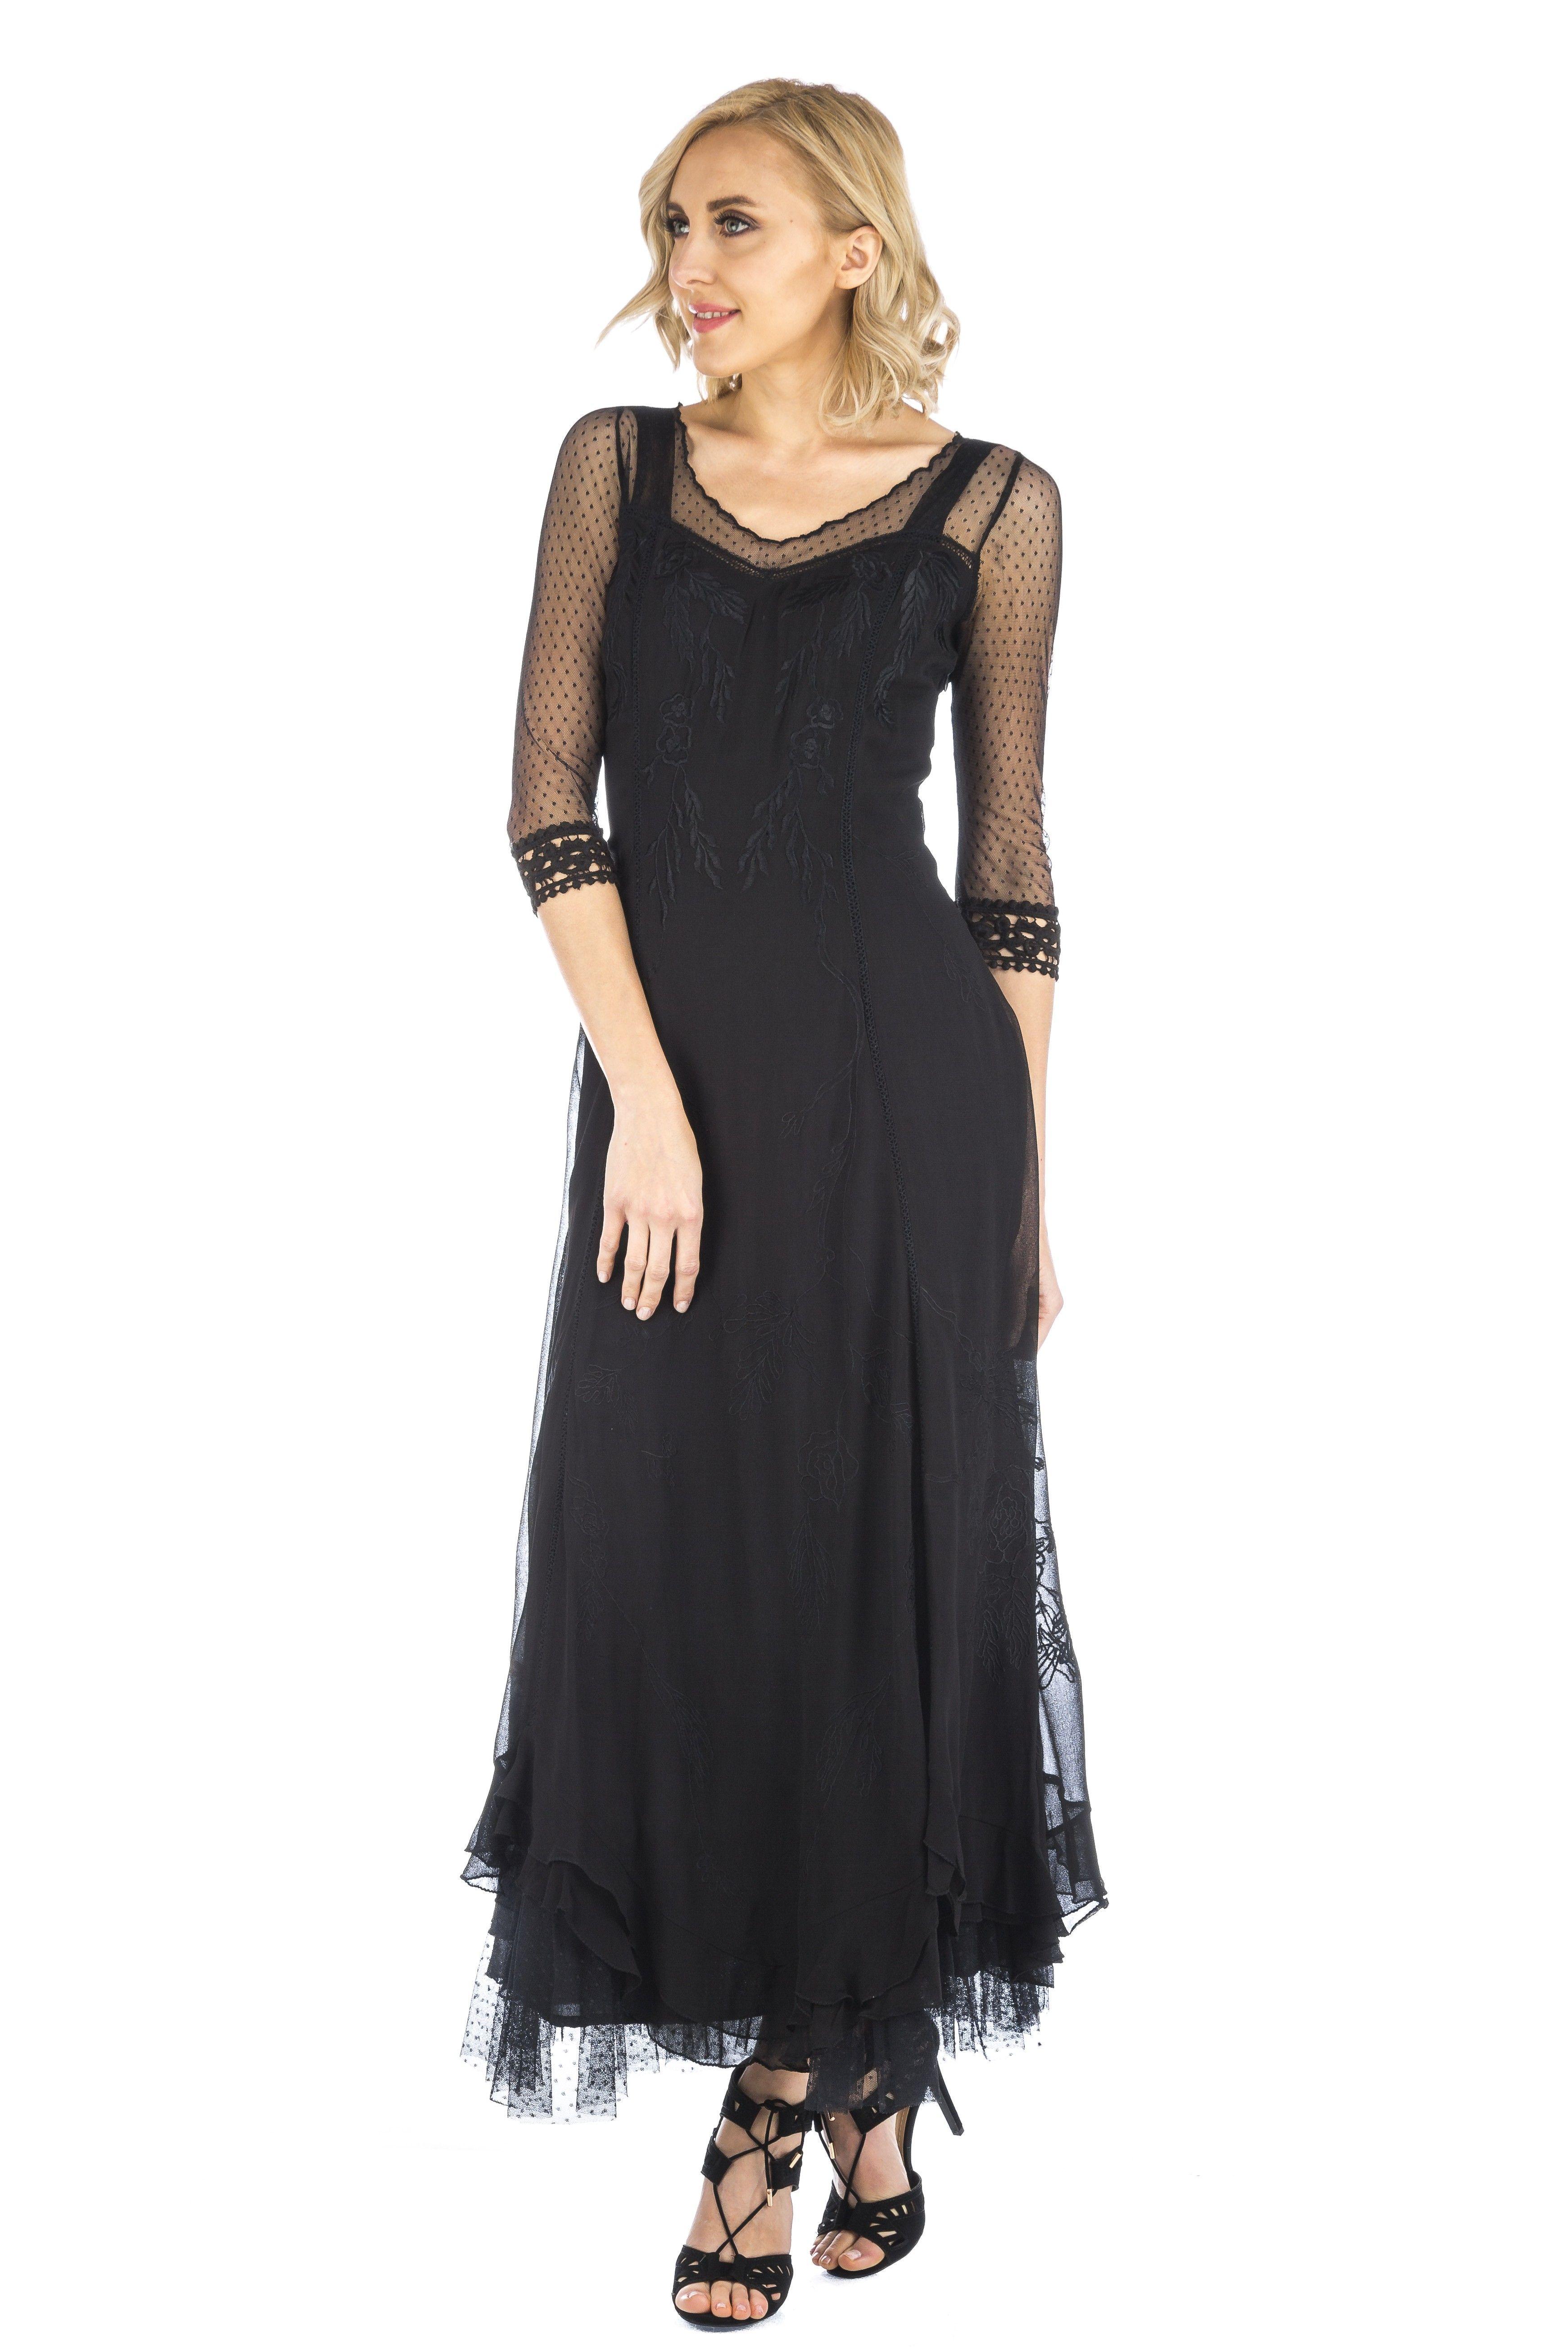 Celine vintage style wedding gown in black by nataya vintage style